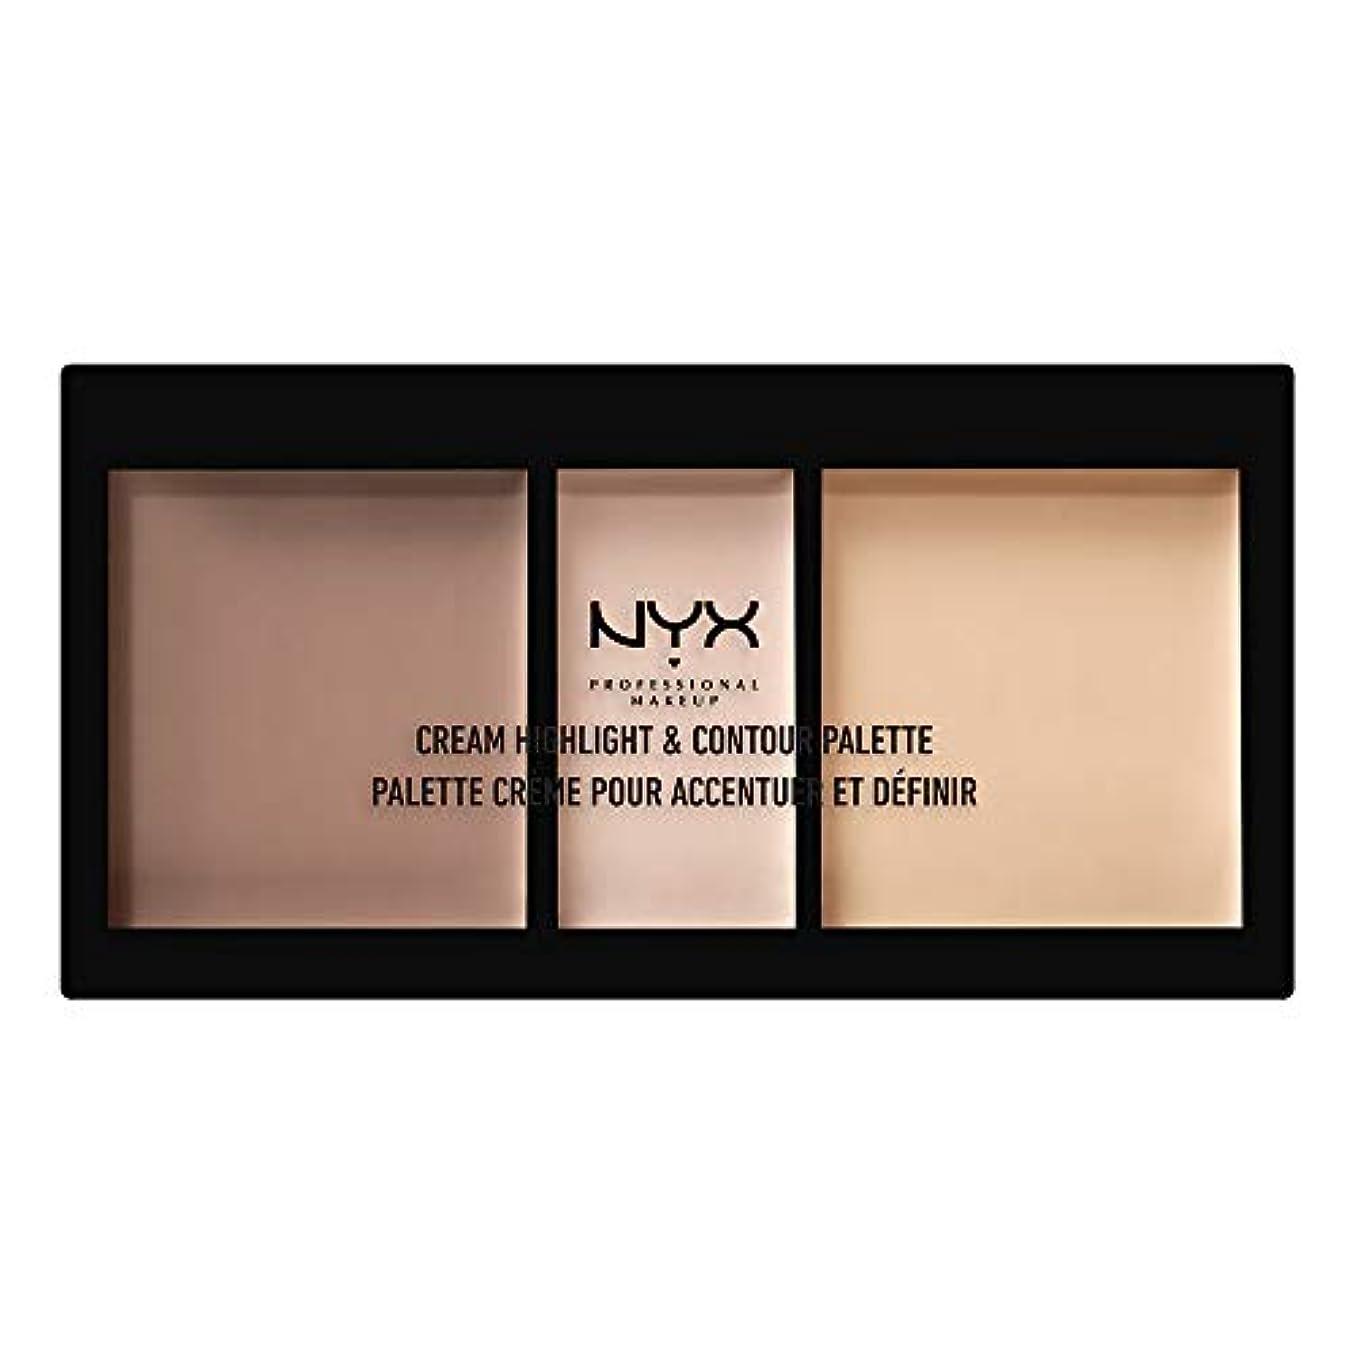 読者雇用者収入NYX(ニックス) クリーム ハイライト&コントゥアー パレット 01 カラー?ライト フェイスパレット